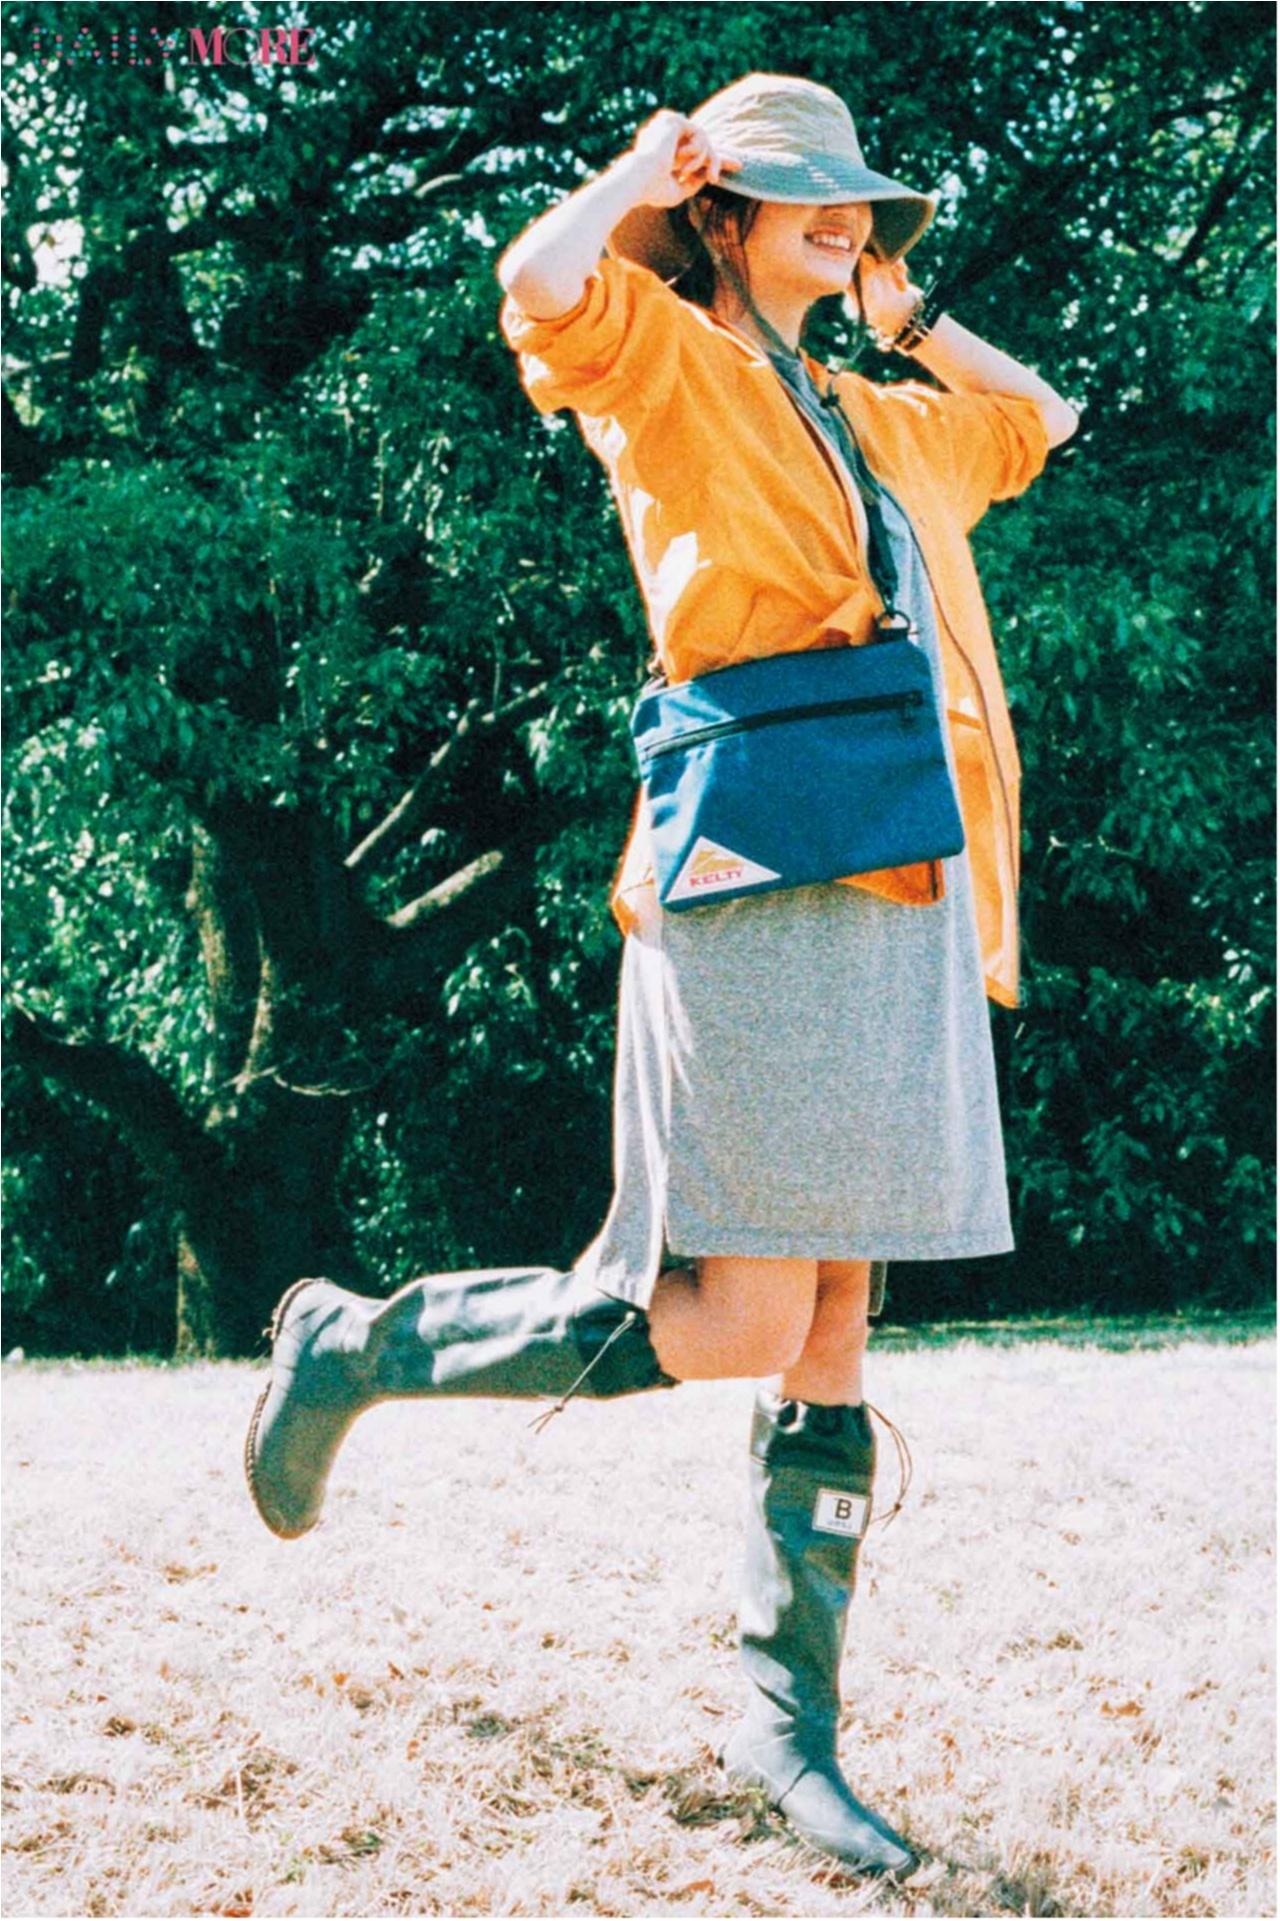 """""""年上・年下・同世代""""モア男子が選ぶ! 超私的「雨の日デートで着てほしい」ベストコーデ☆【5月の今日のオススメ♥コーデ大賞!】_3"""